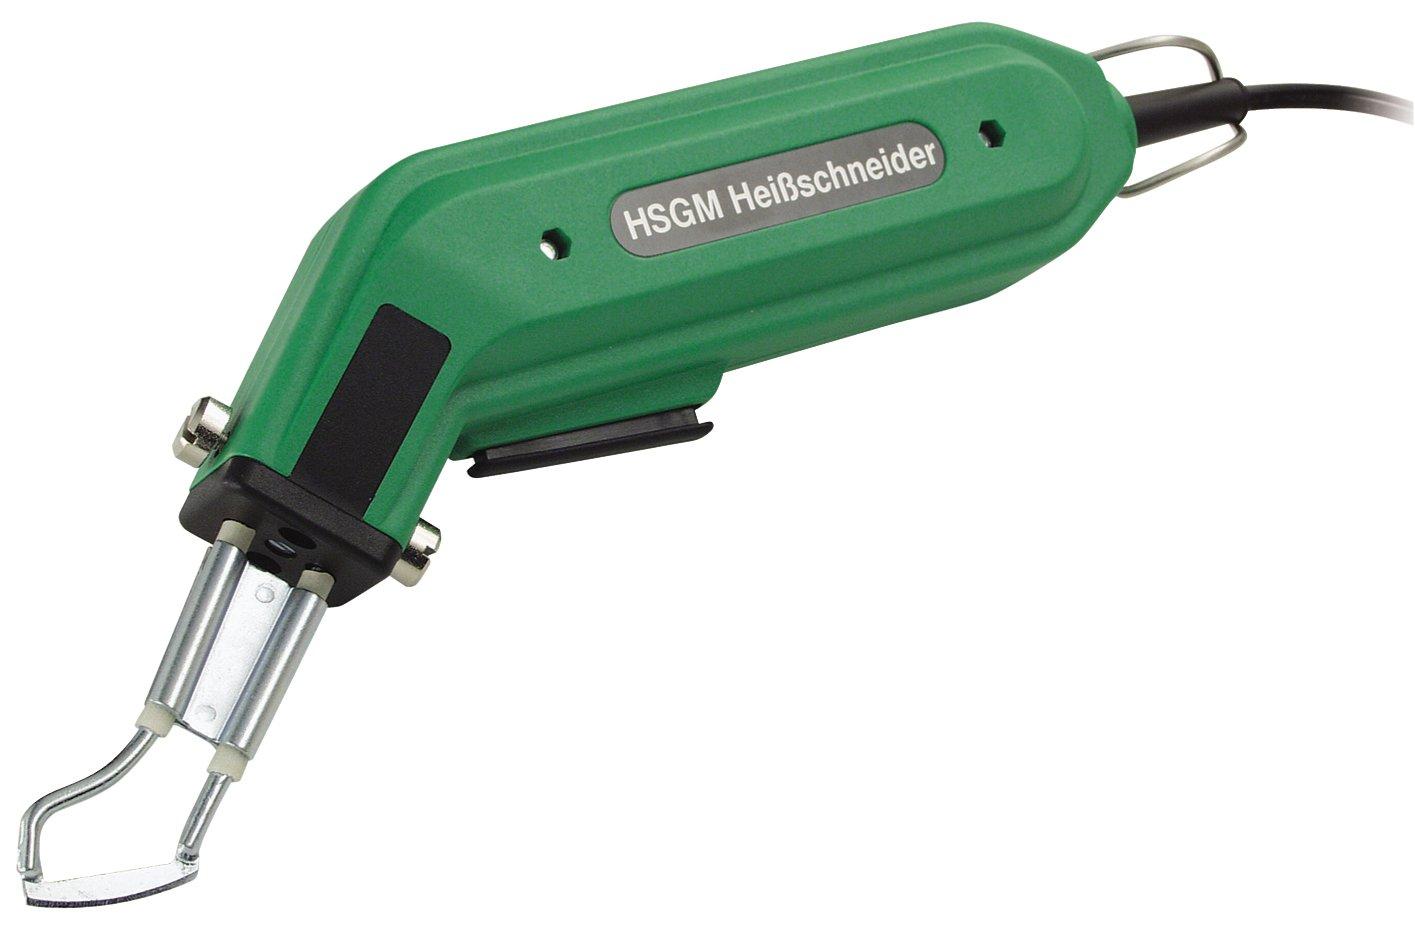 HSGM Heißschneider HSG-0 mit Schneidspitze Typ: R. Made in Germany ...